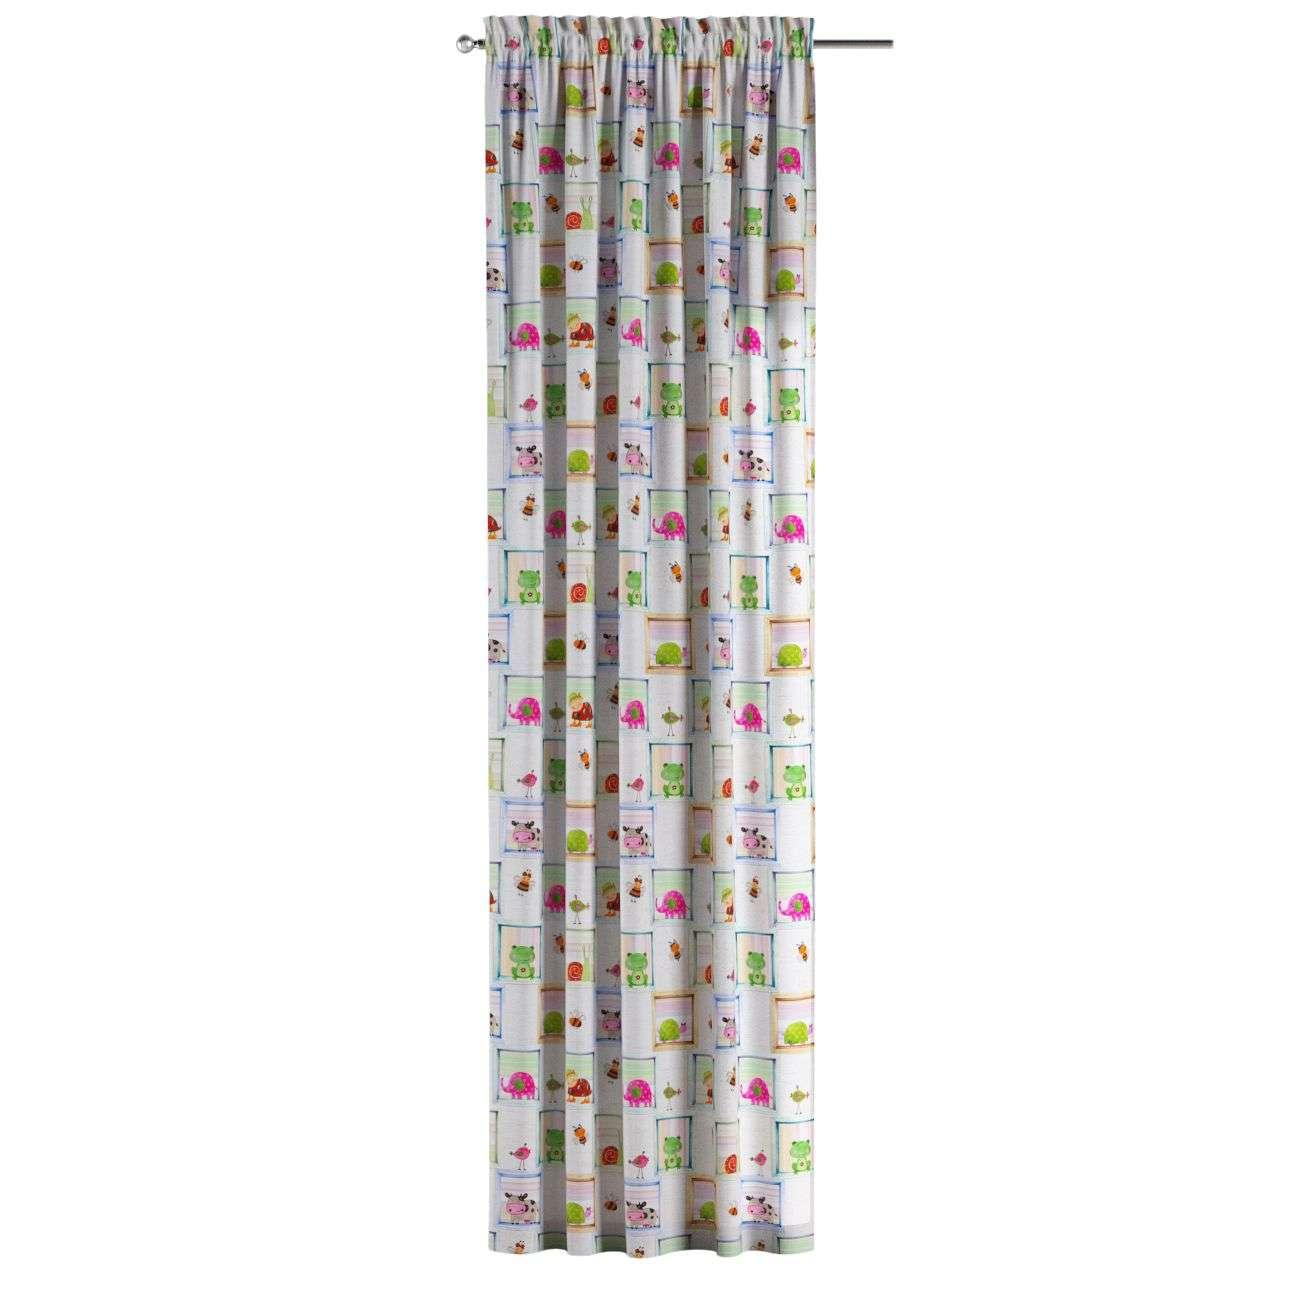 Su paaukštintu viršumi užuolaidos 130 × 260 cm kolekcijoje Apanona, audinys: 151-04